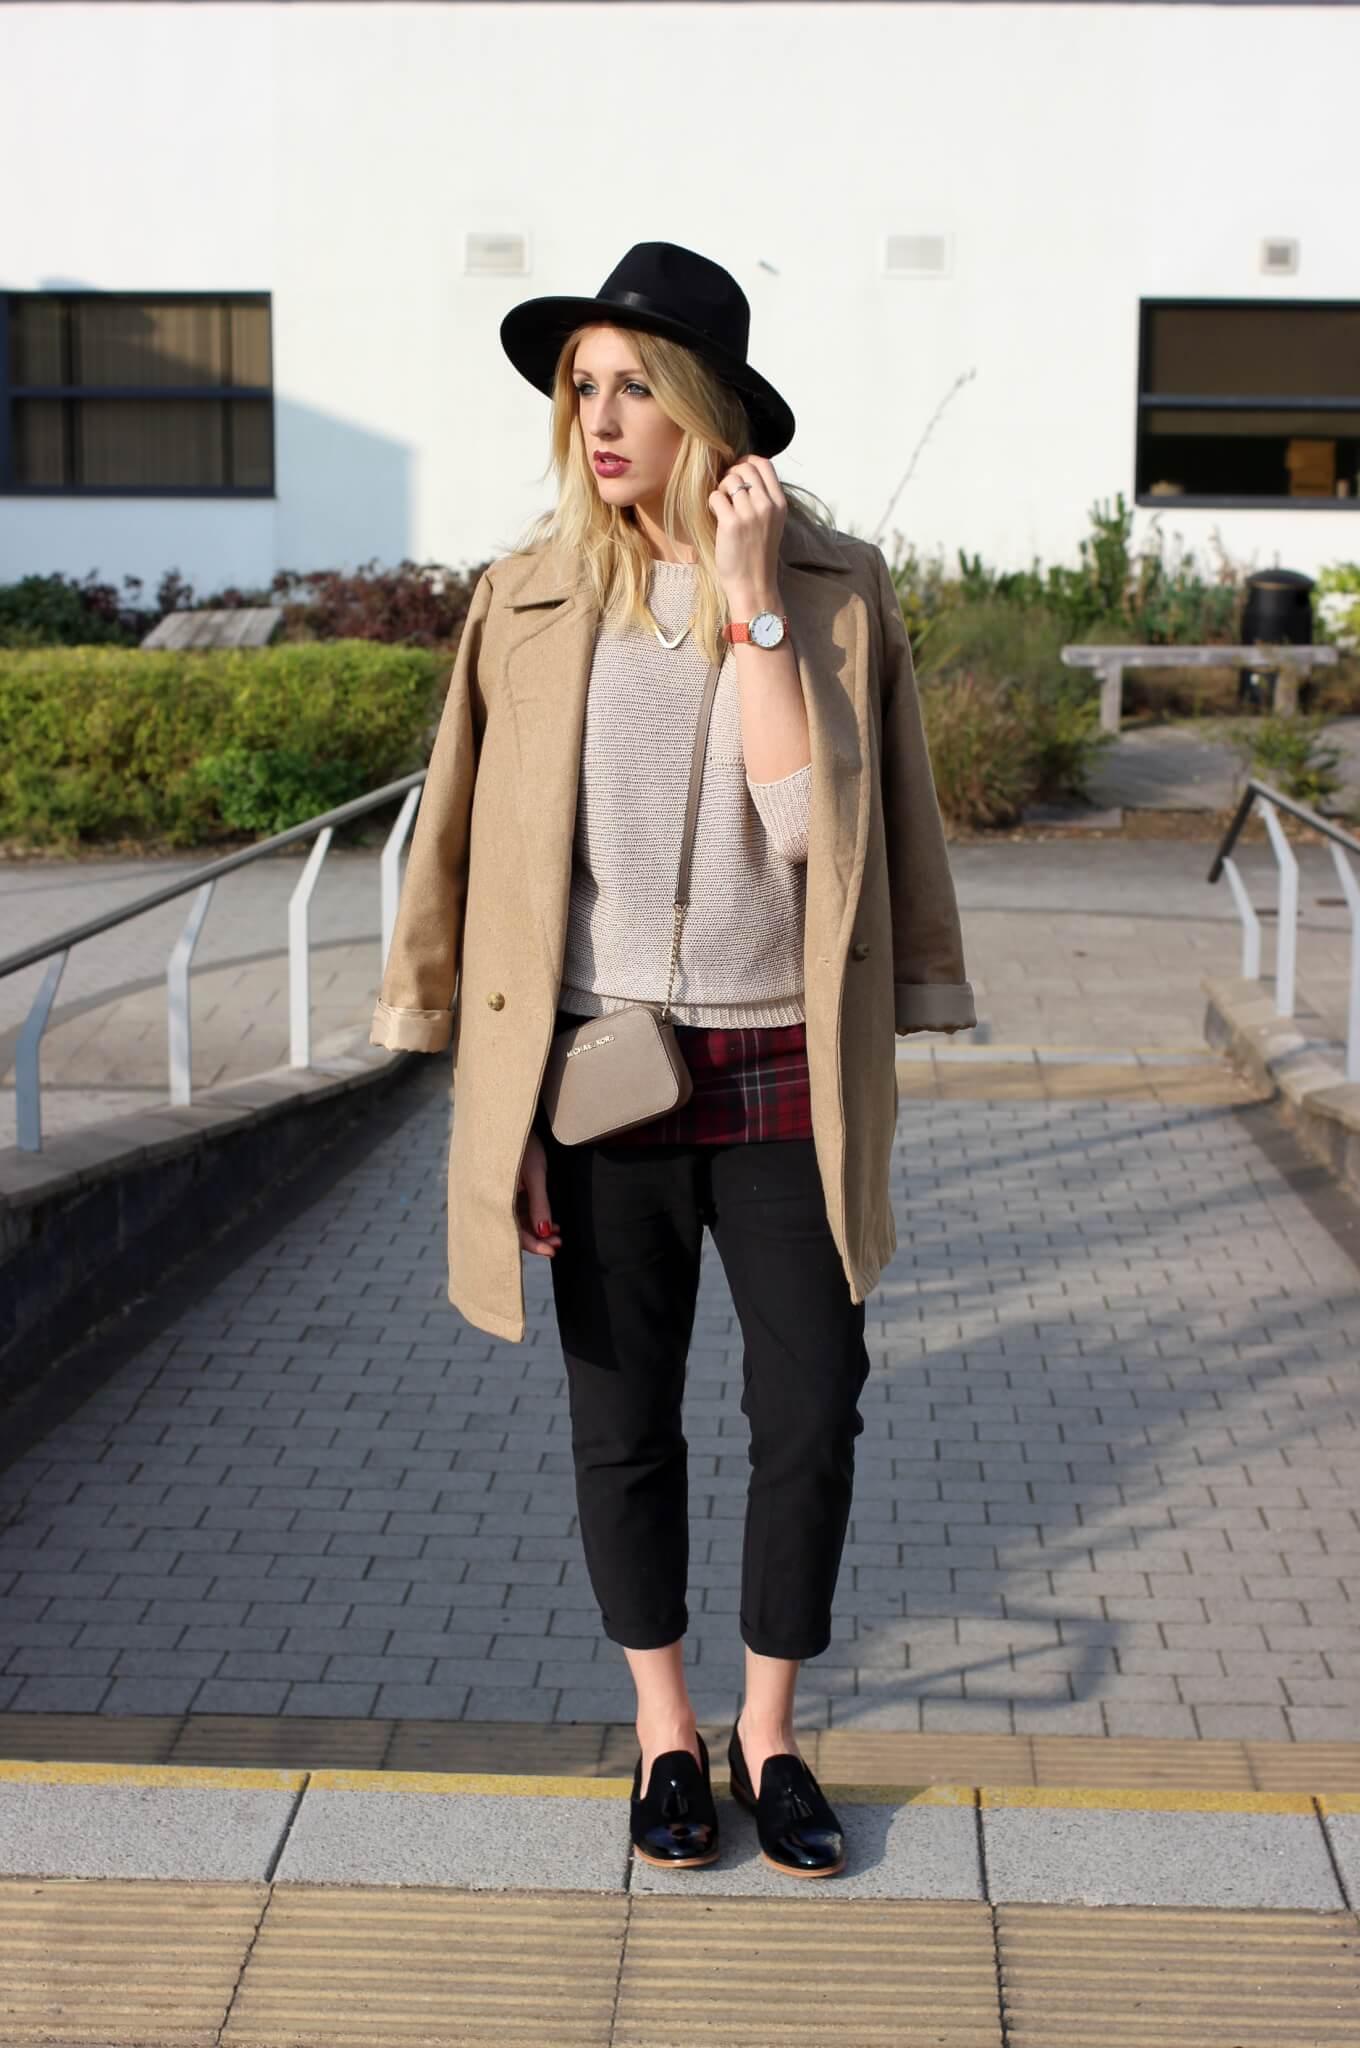 Autumn Essentials | Camel Coat, Fedora, Tailoring & Chic Flats